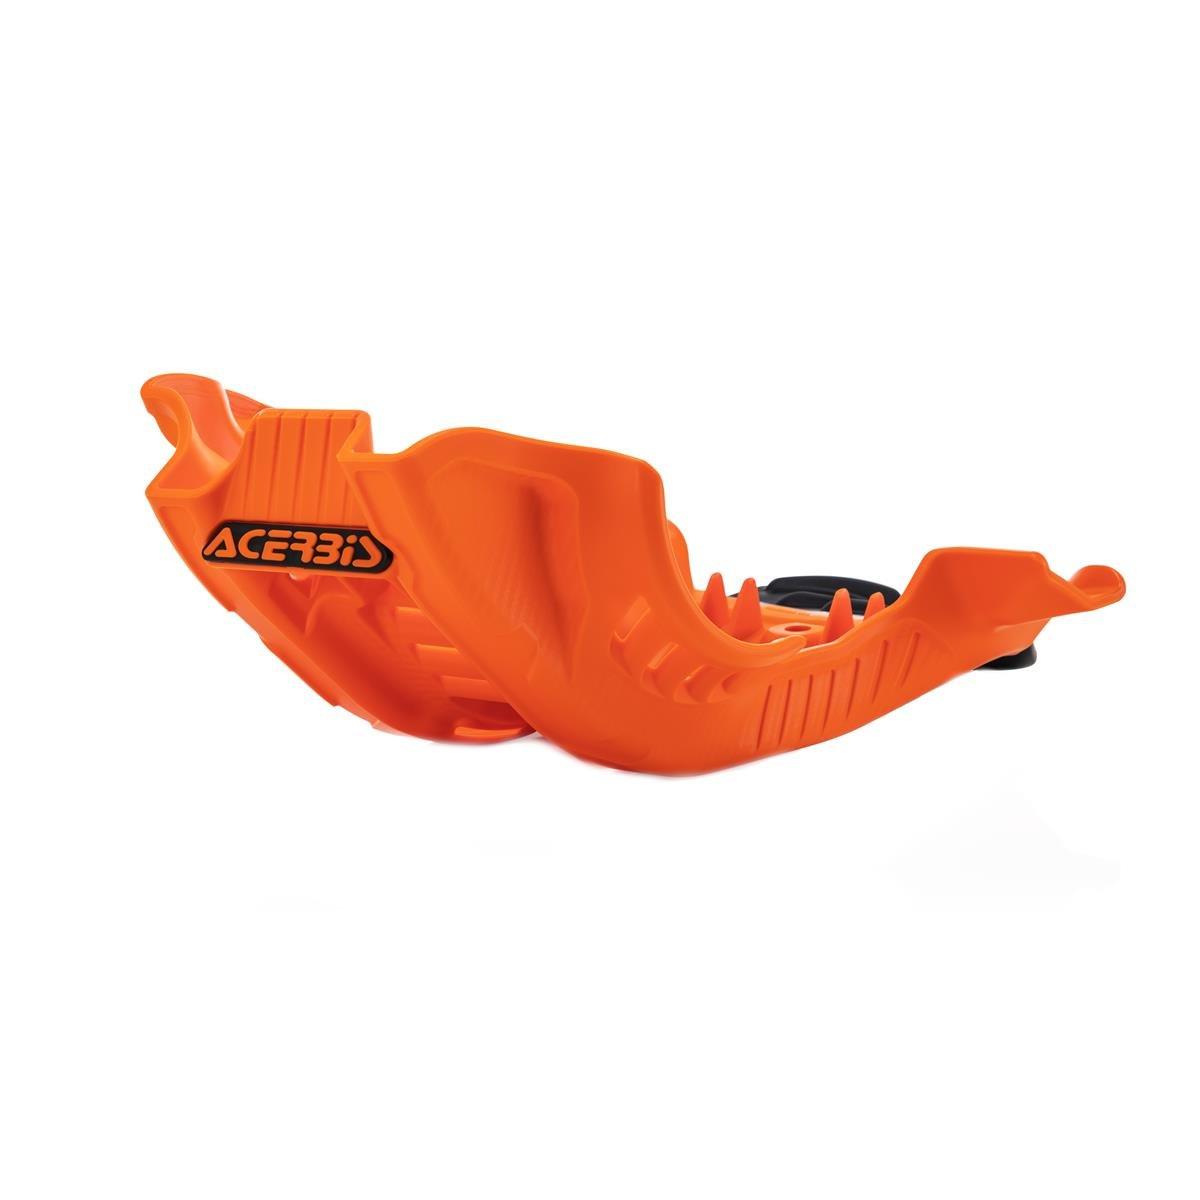 Acerbis Motorschutzplatte  Husqvarna FC 250/350 19-20, KTM SX-F 250/350 19-20, Orange/Schwarz